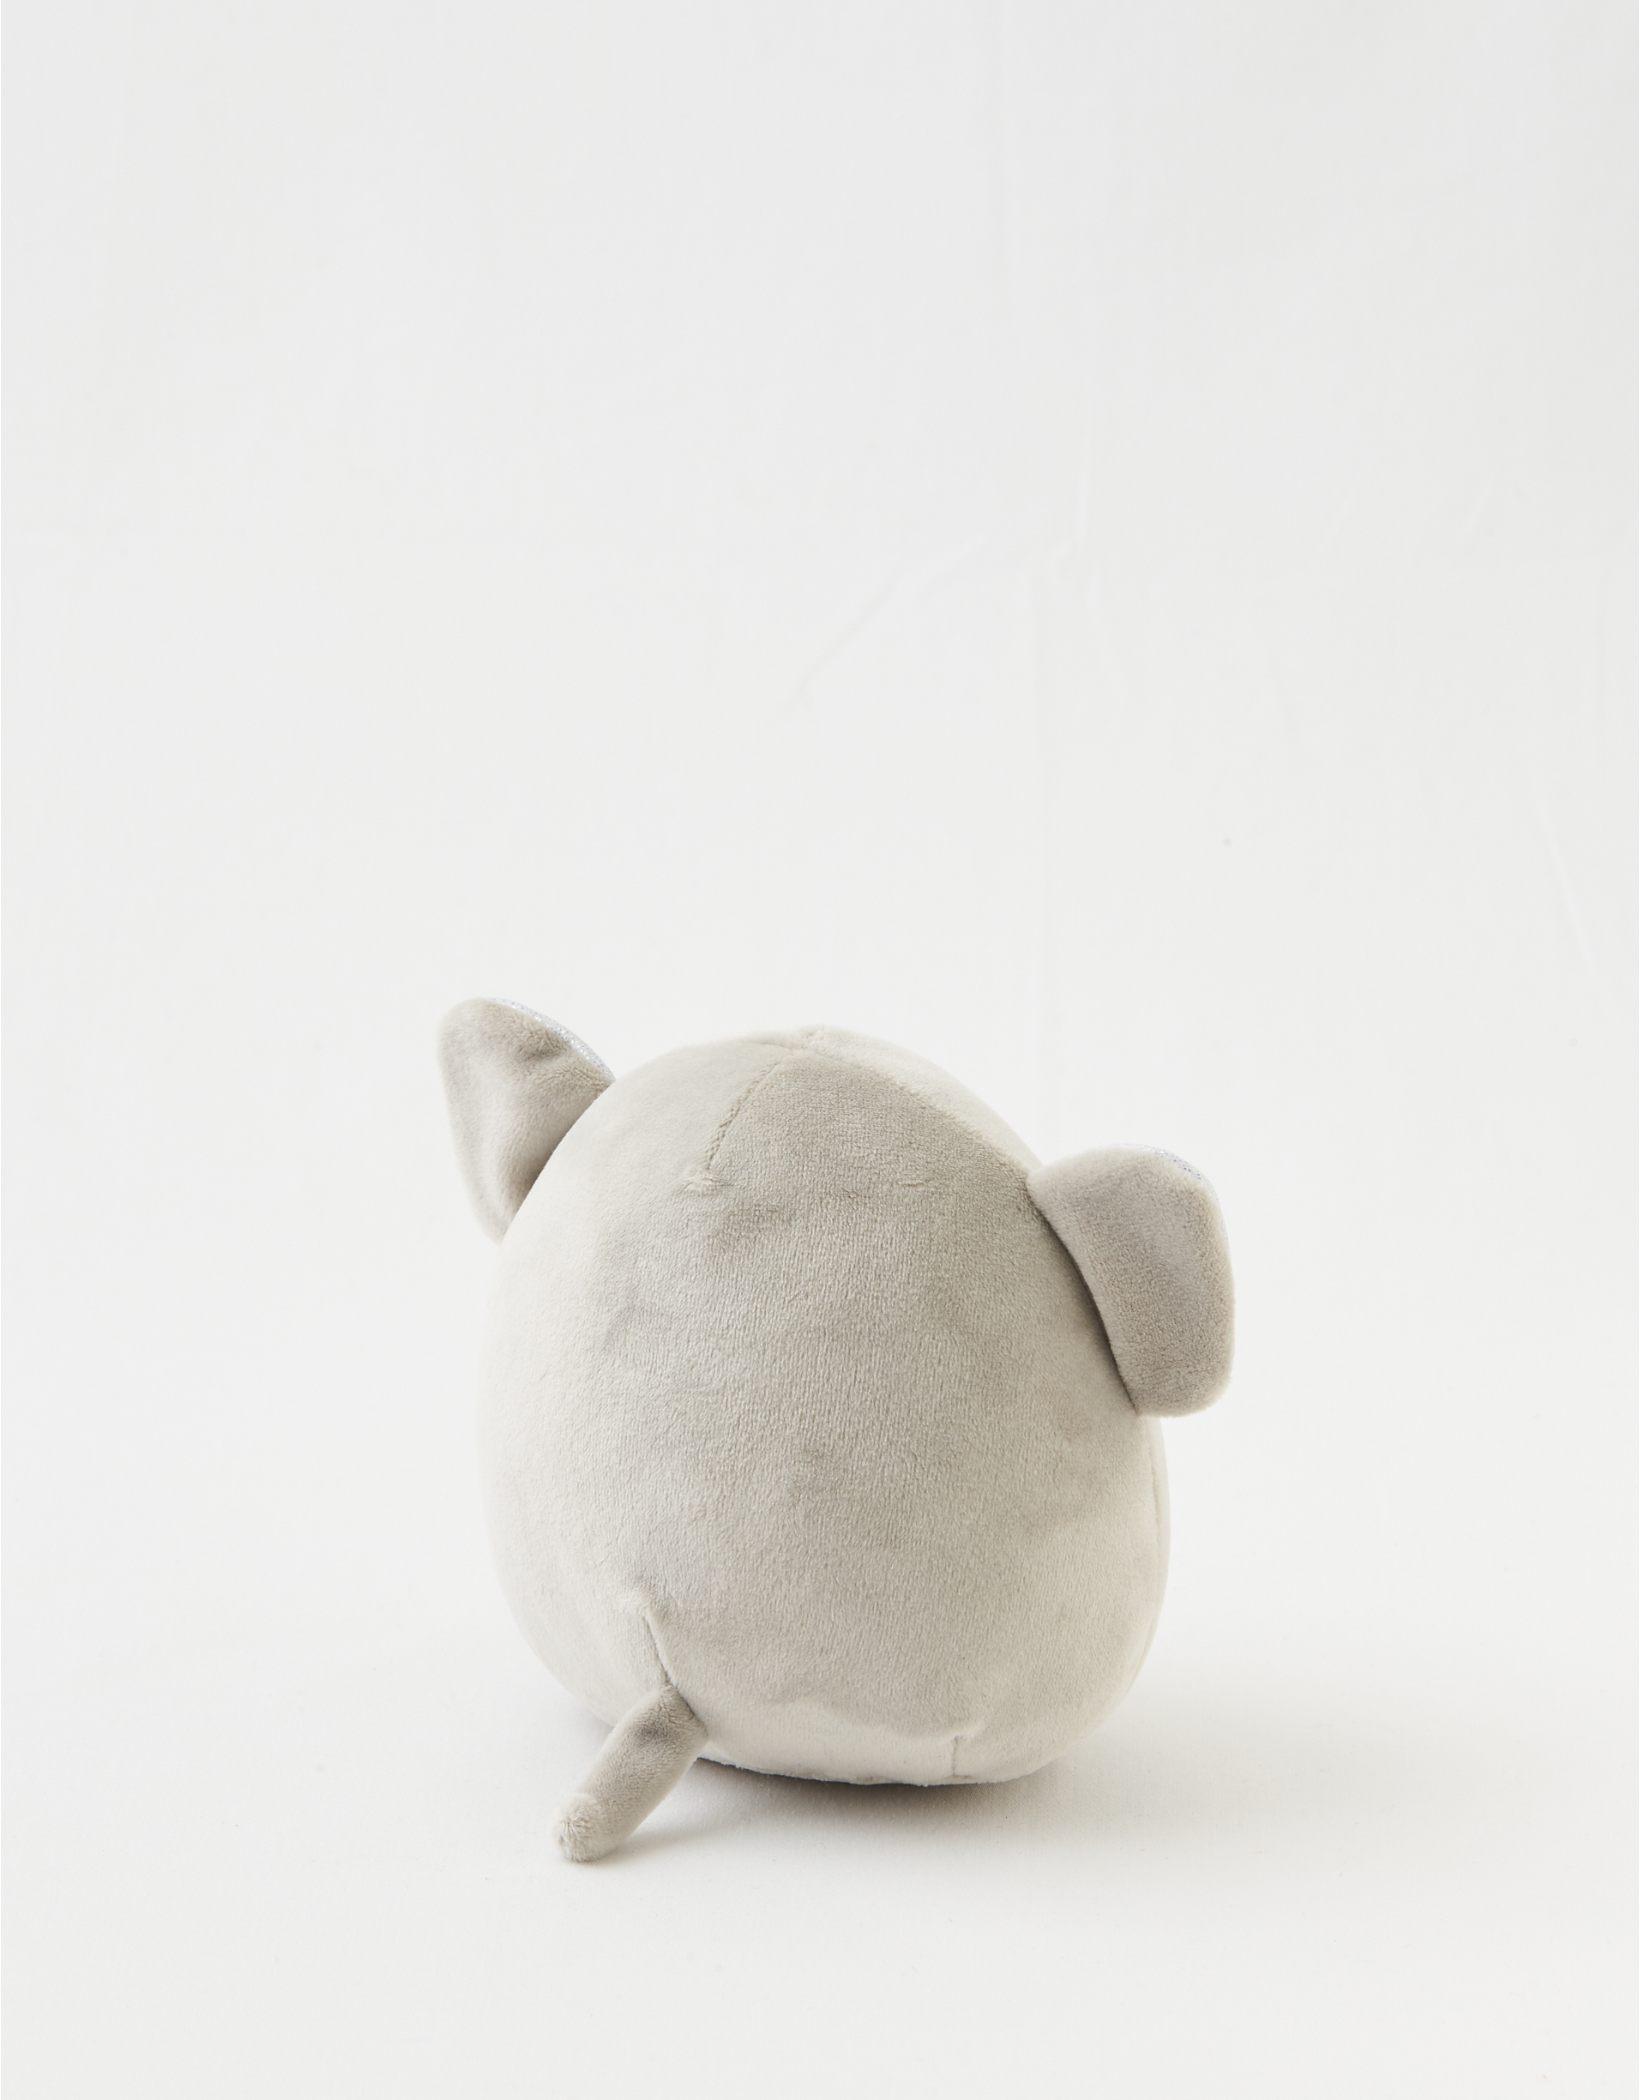 Squishmallow 5 in Plush Toy - Cherish